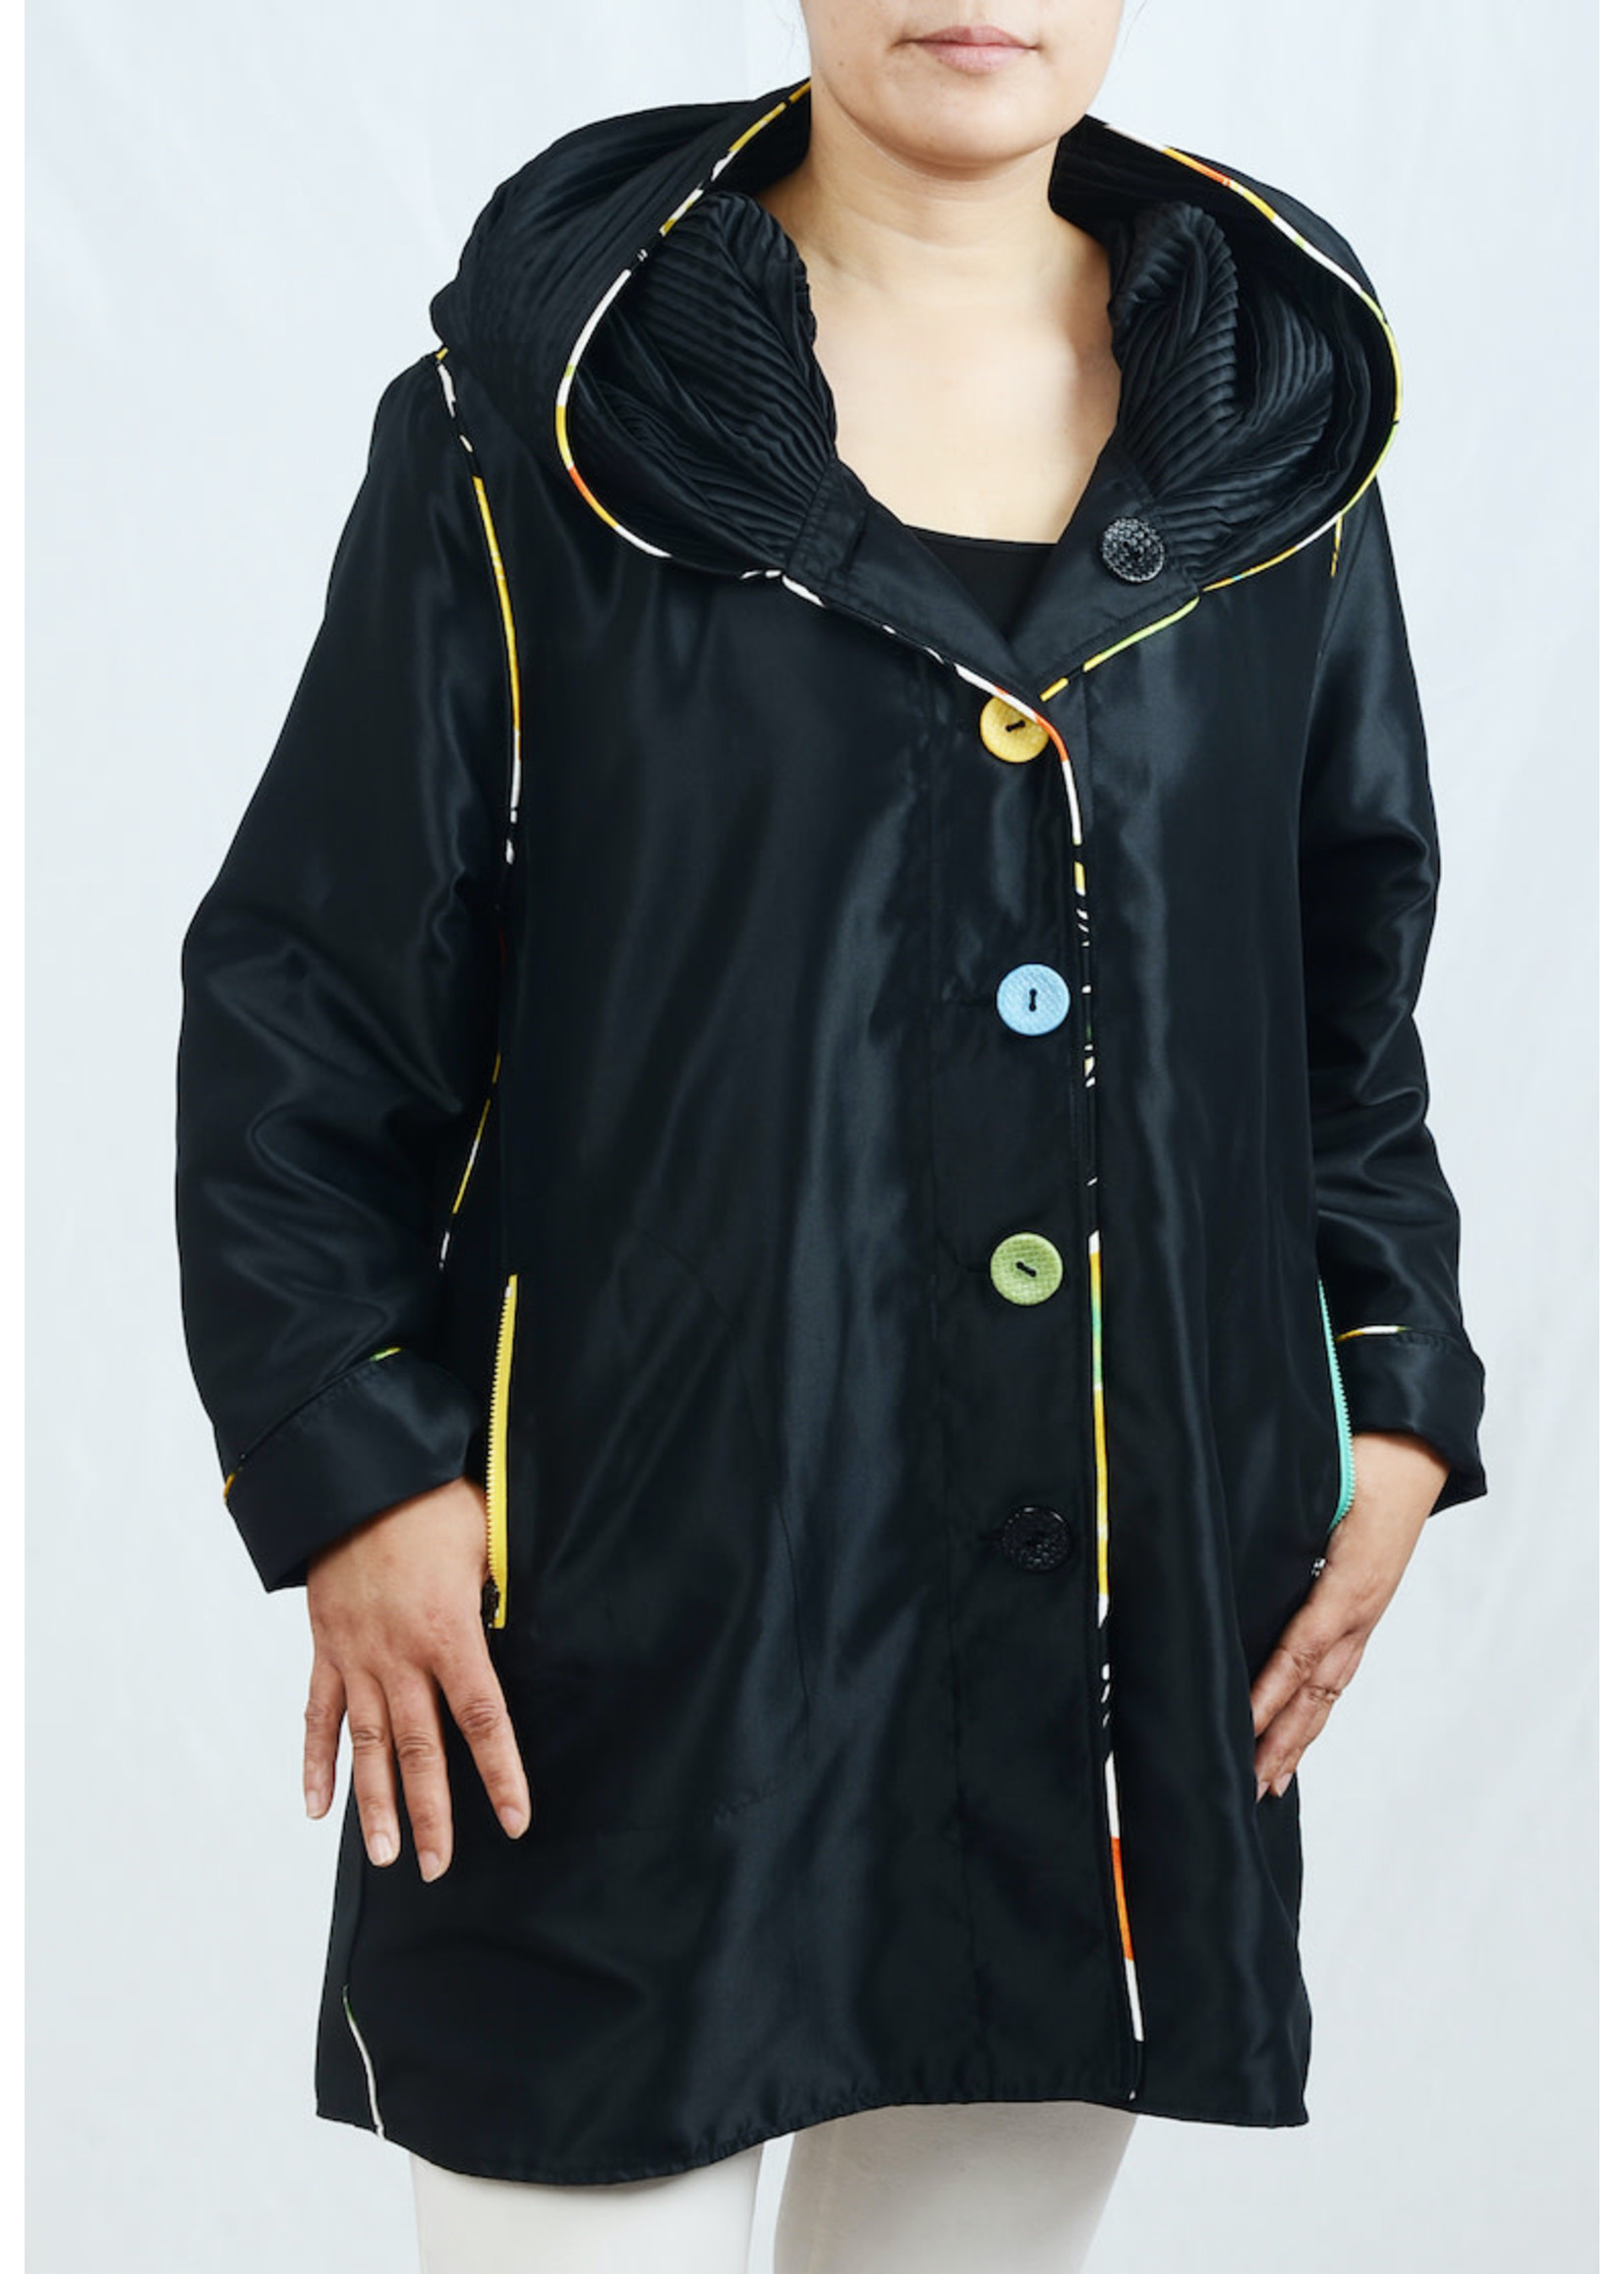 Oopera Reversible Jacket